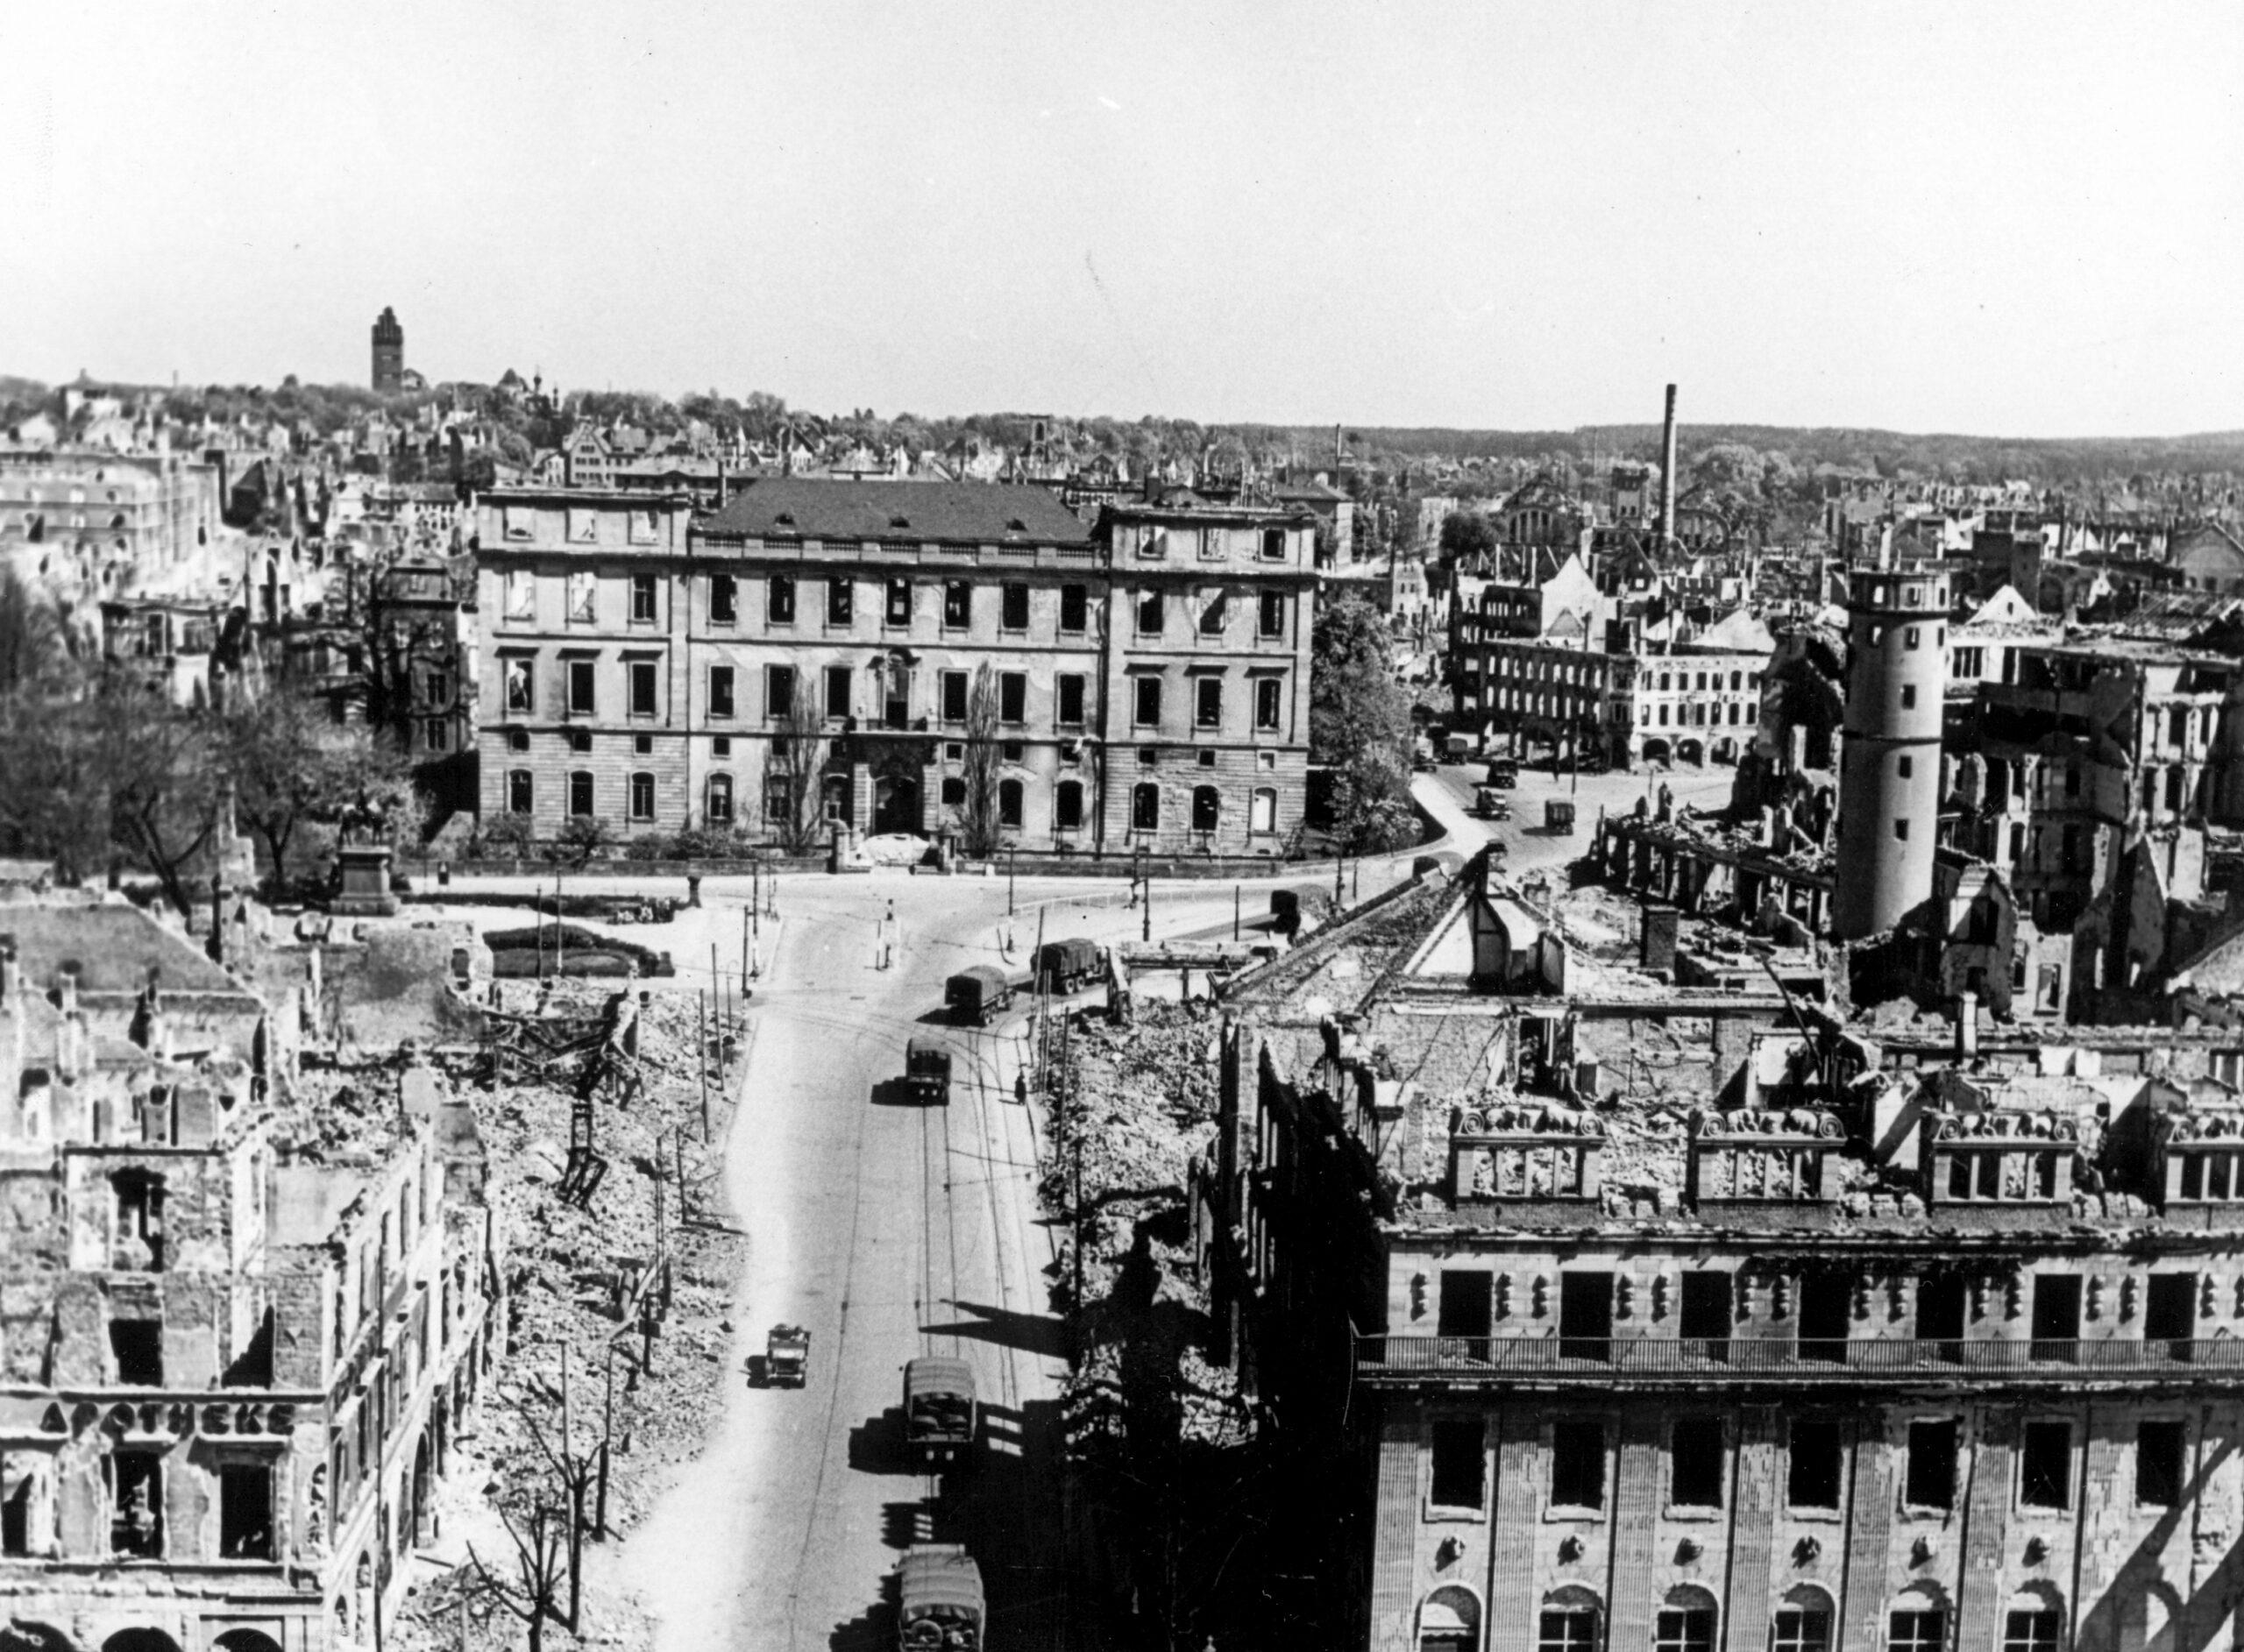 Obere Rheinstraße mit Blick auf Schloss und Marktplatz, 18. April 1945